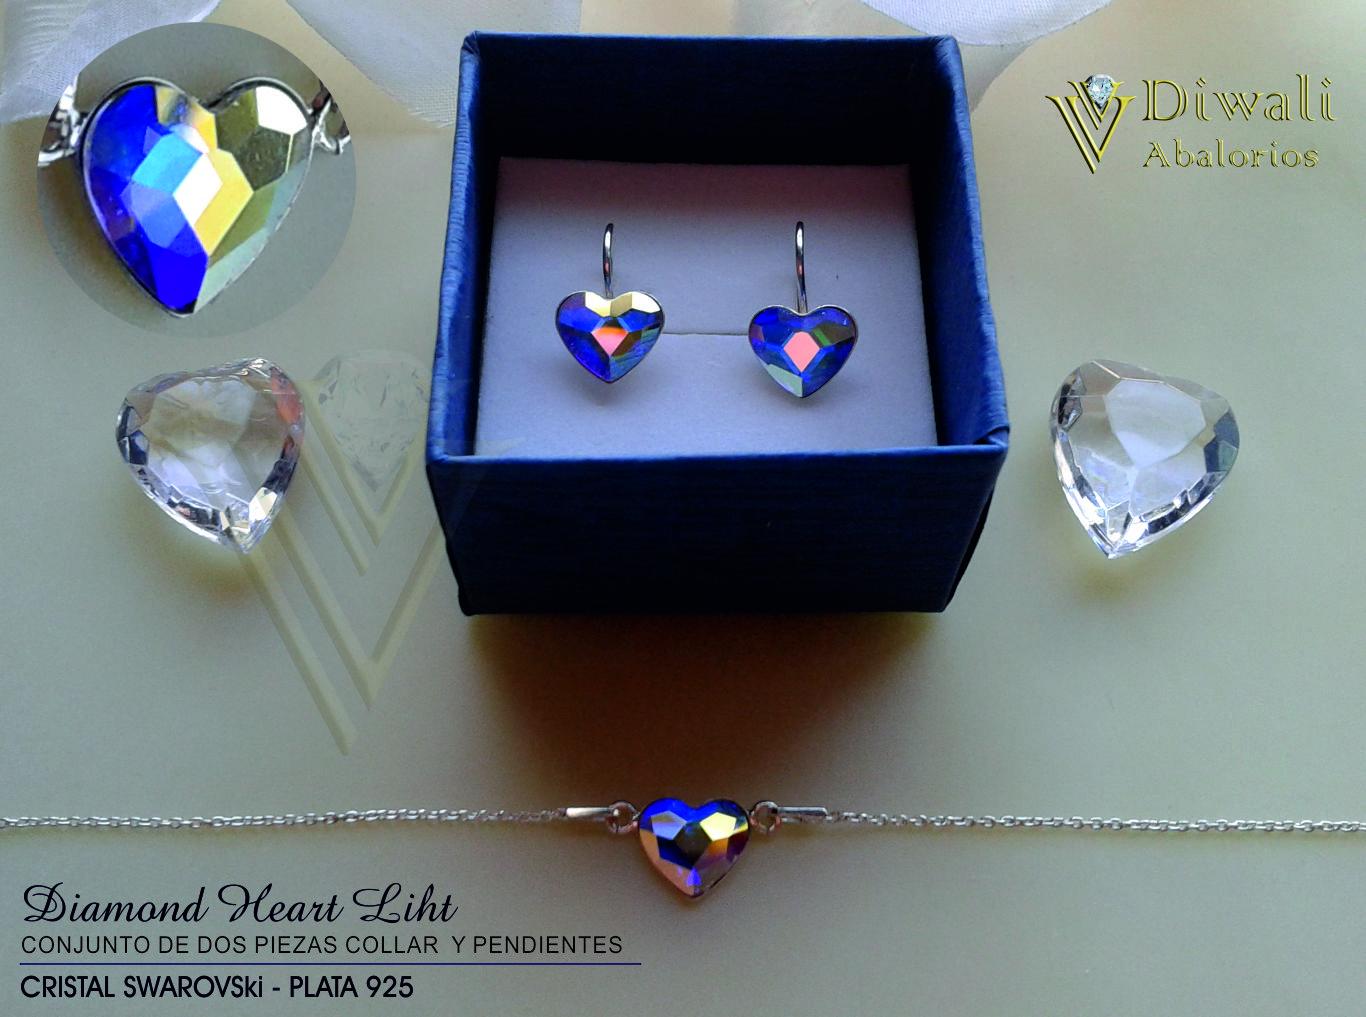 Conjunto Diamond Light collar y pendientes.